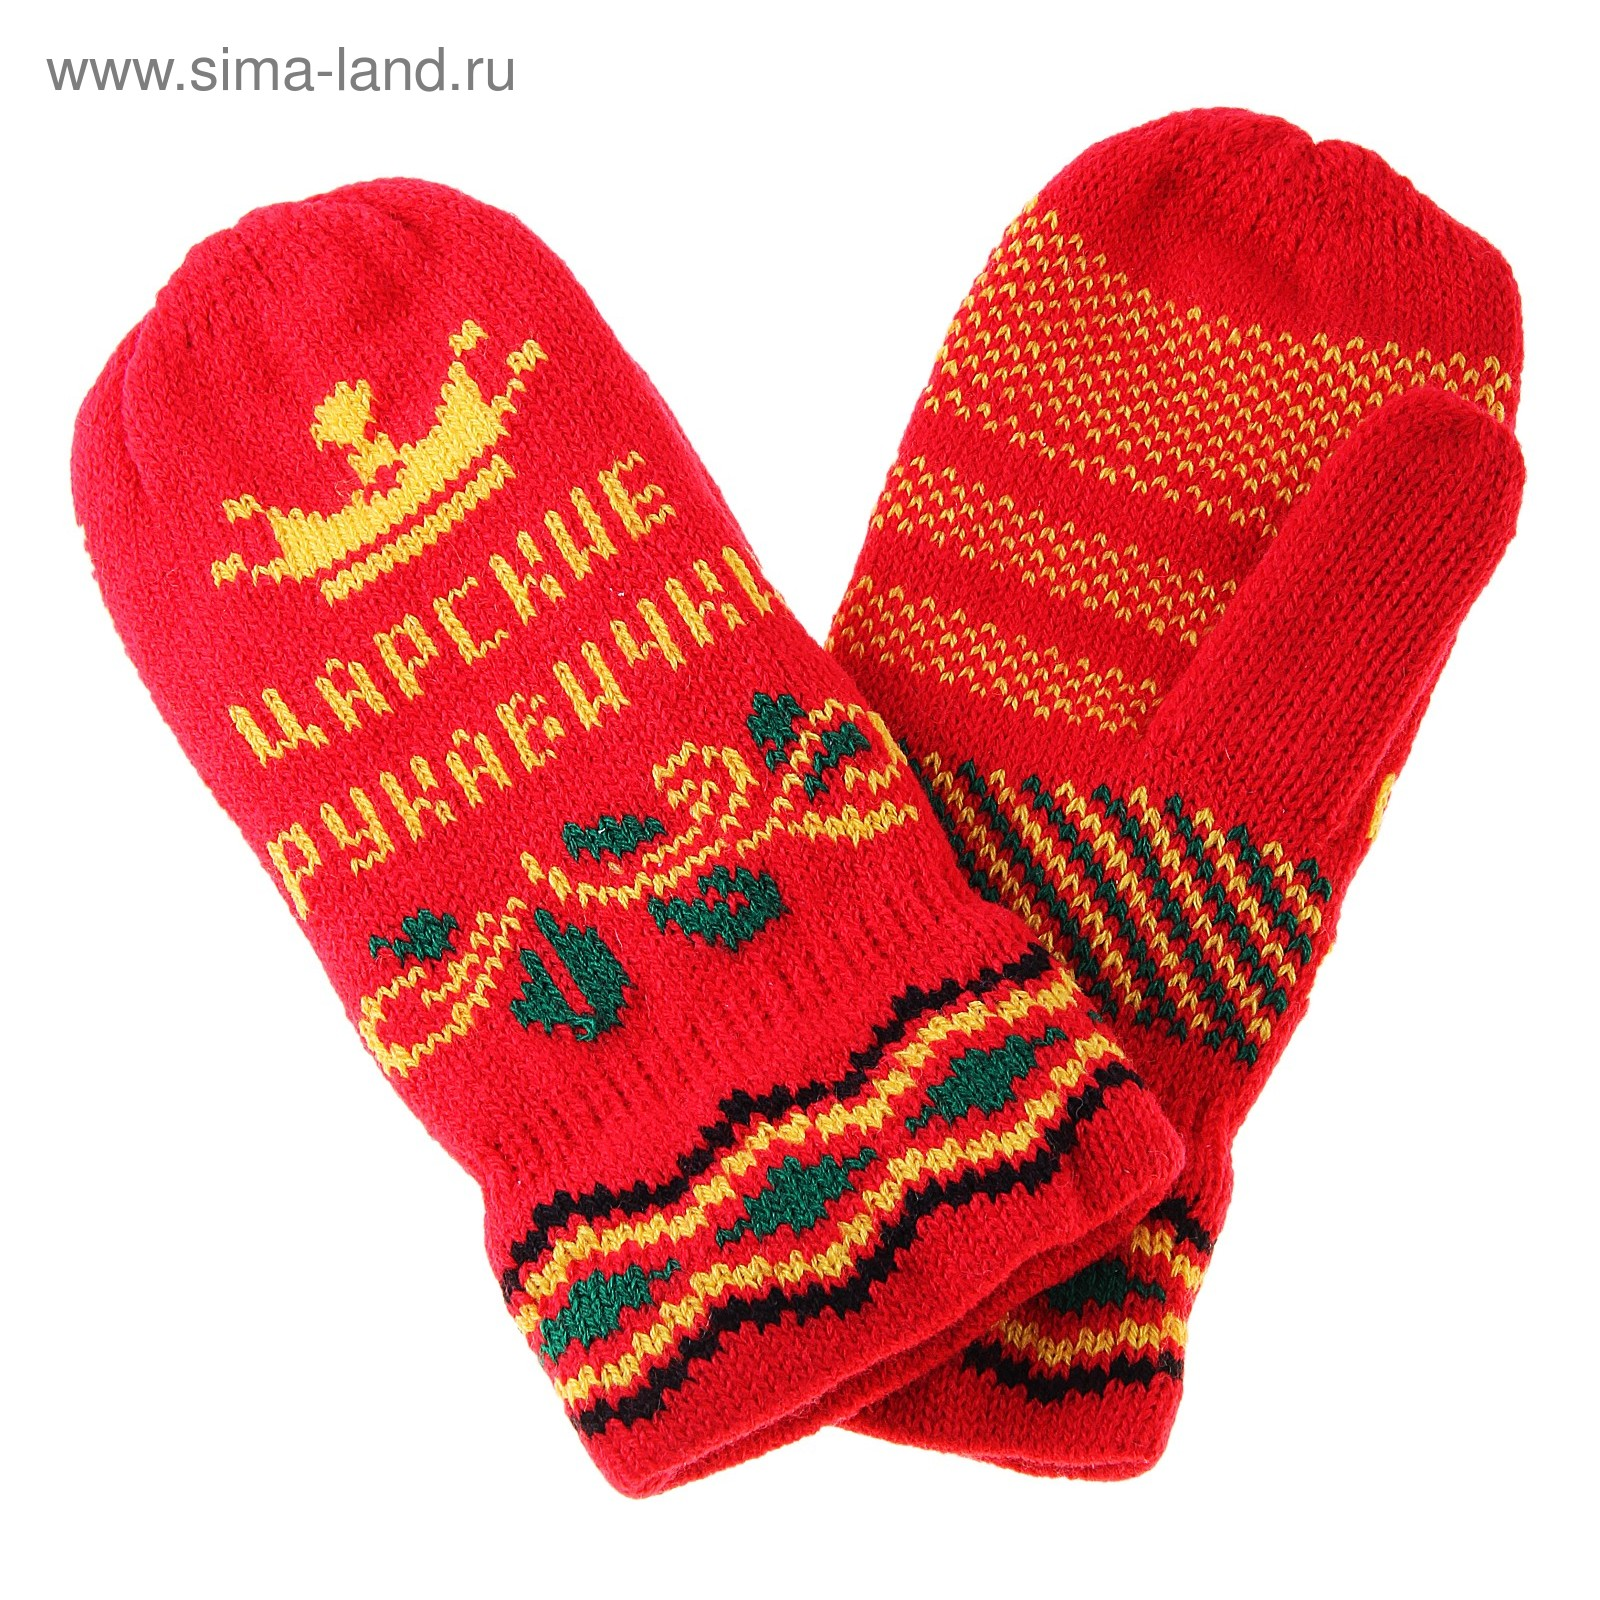 варежки вязаные царские рукавички 724267 купить по цене от